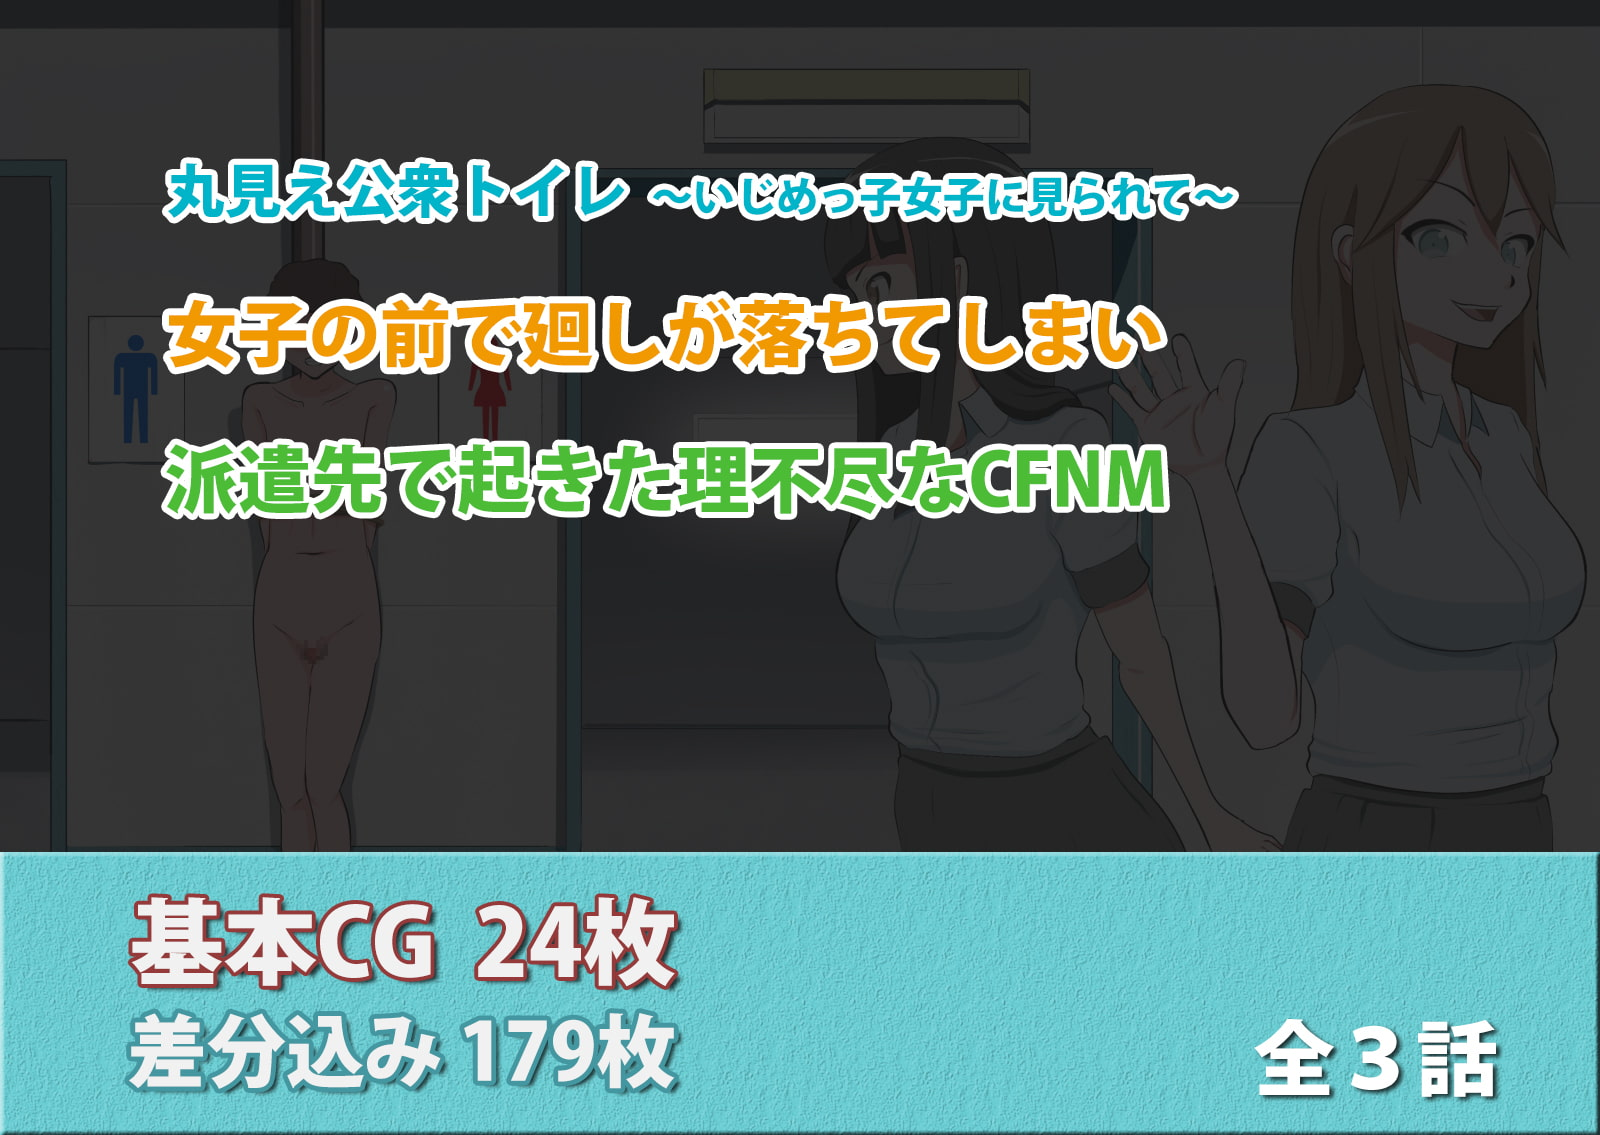 CFNM+M男 三つの話